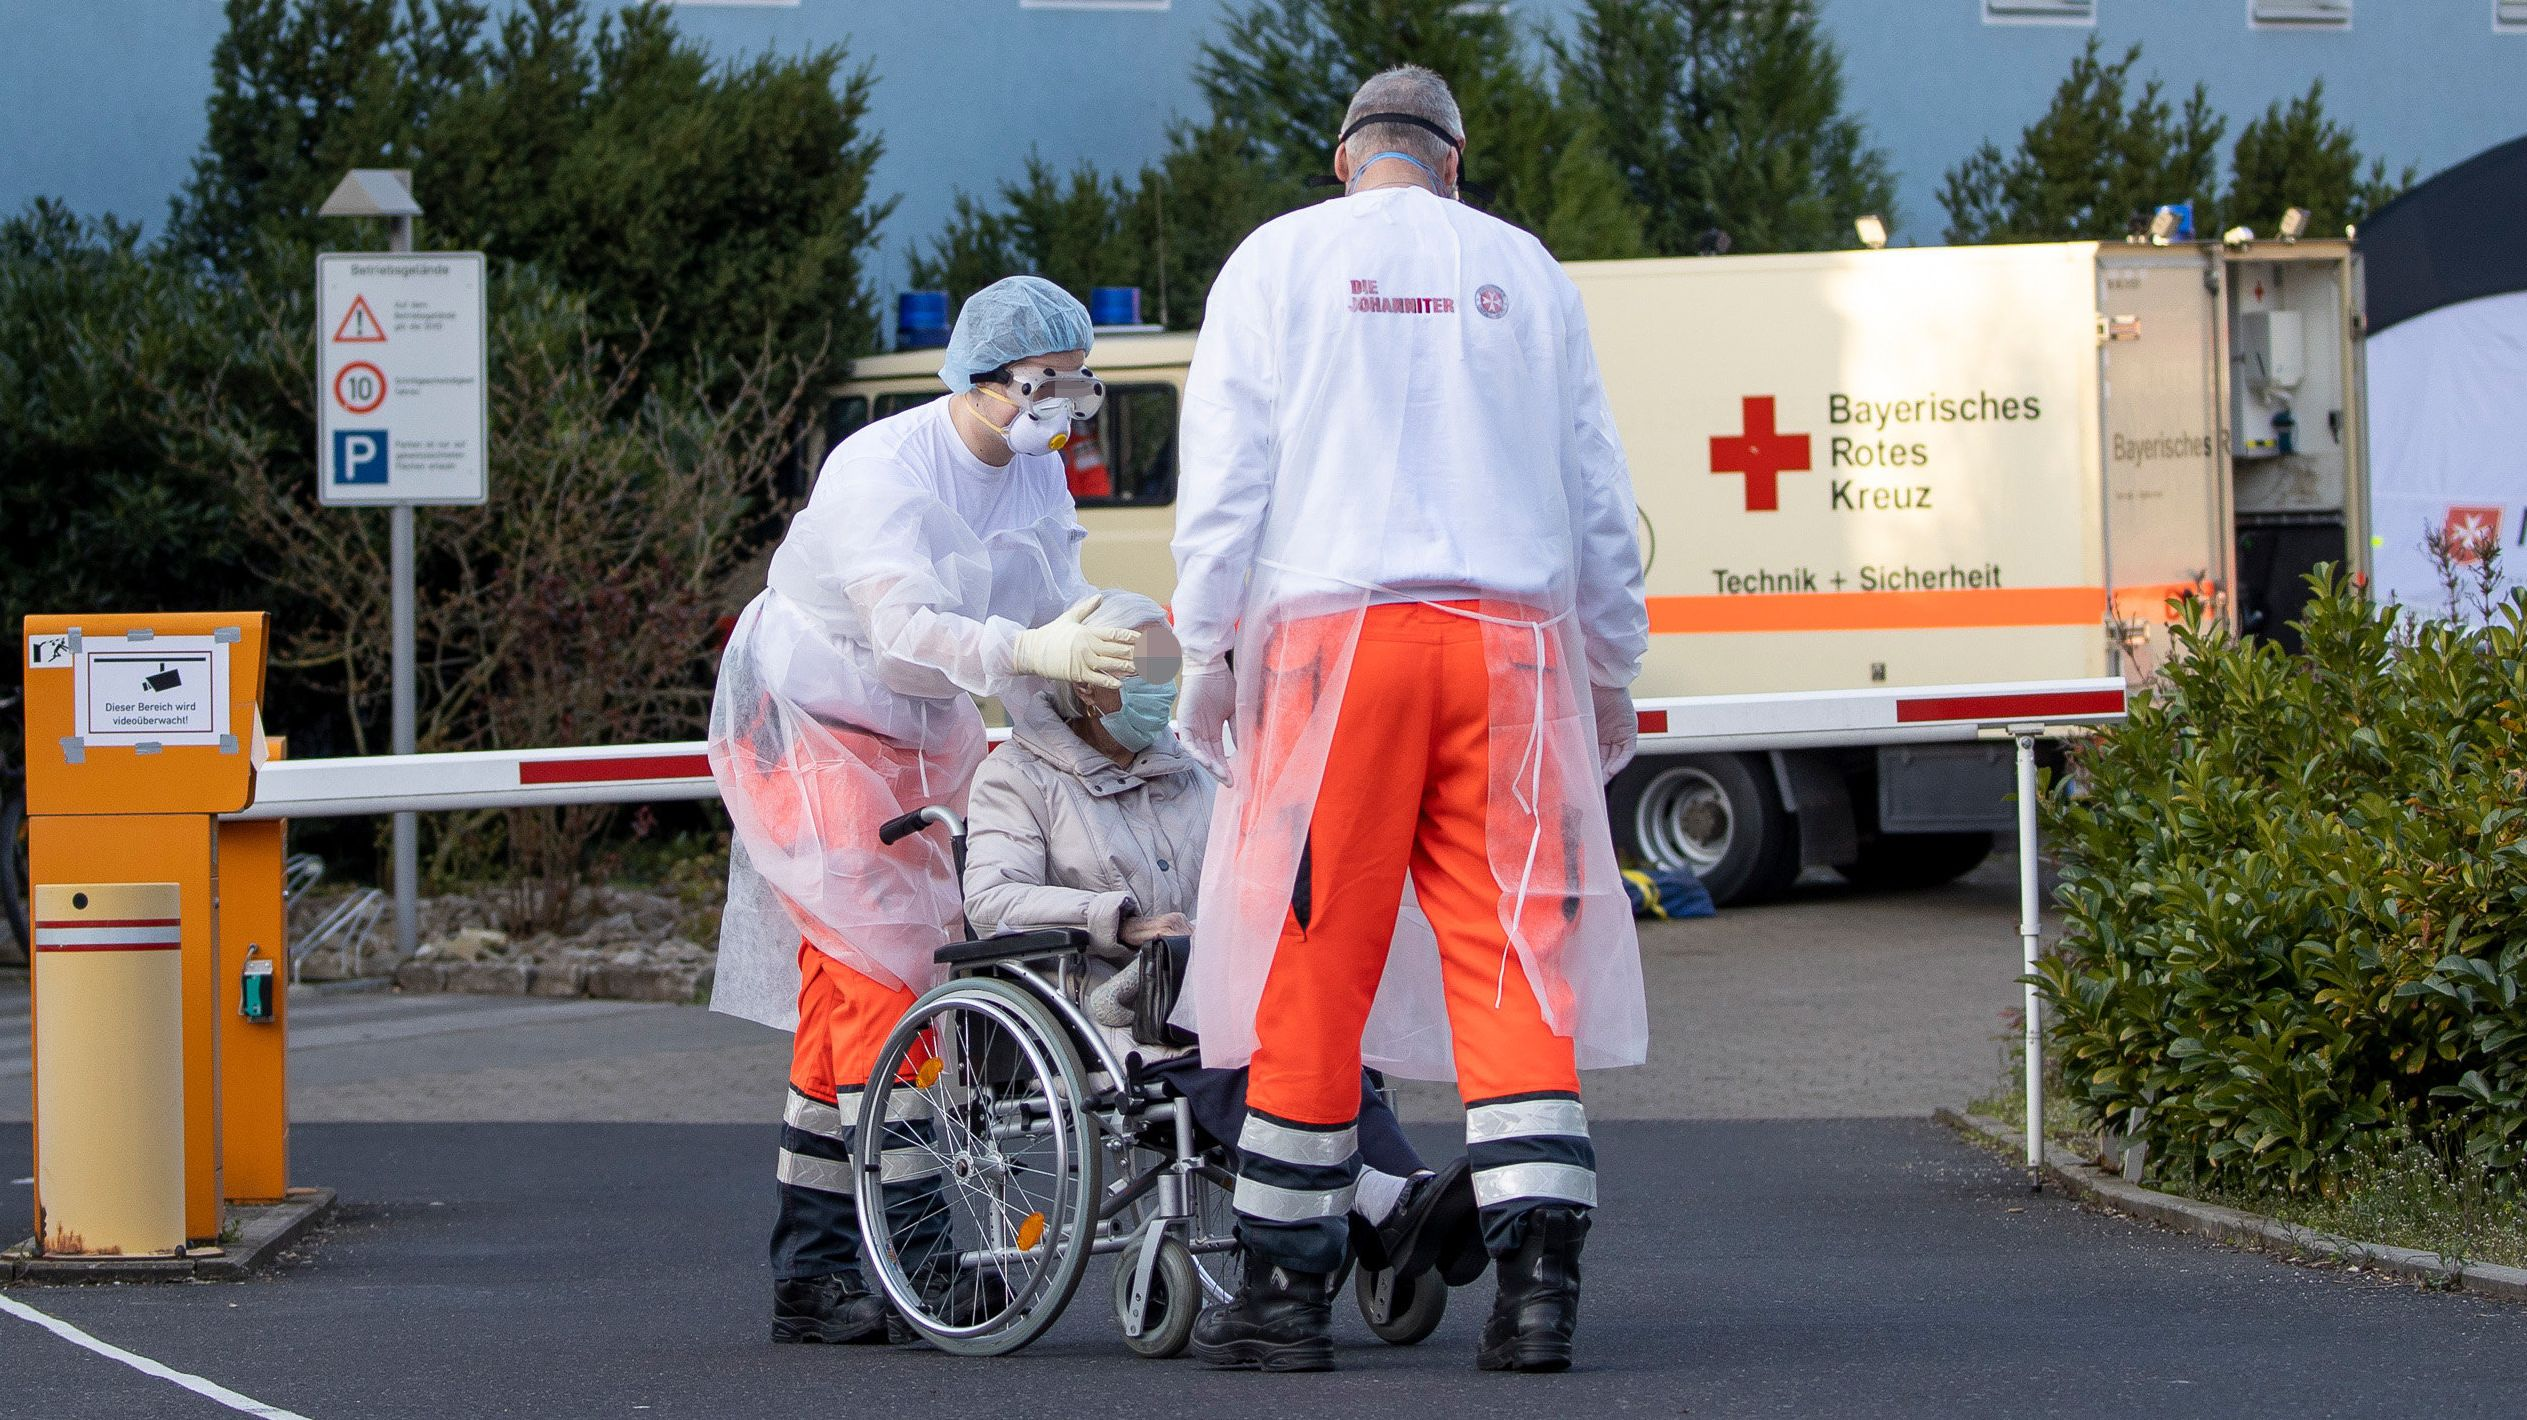 Symbolbild: Pflegekräfte der Johanniter im Einsatz vor einem Altenheim.